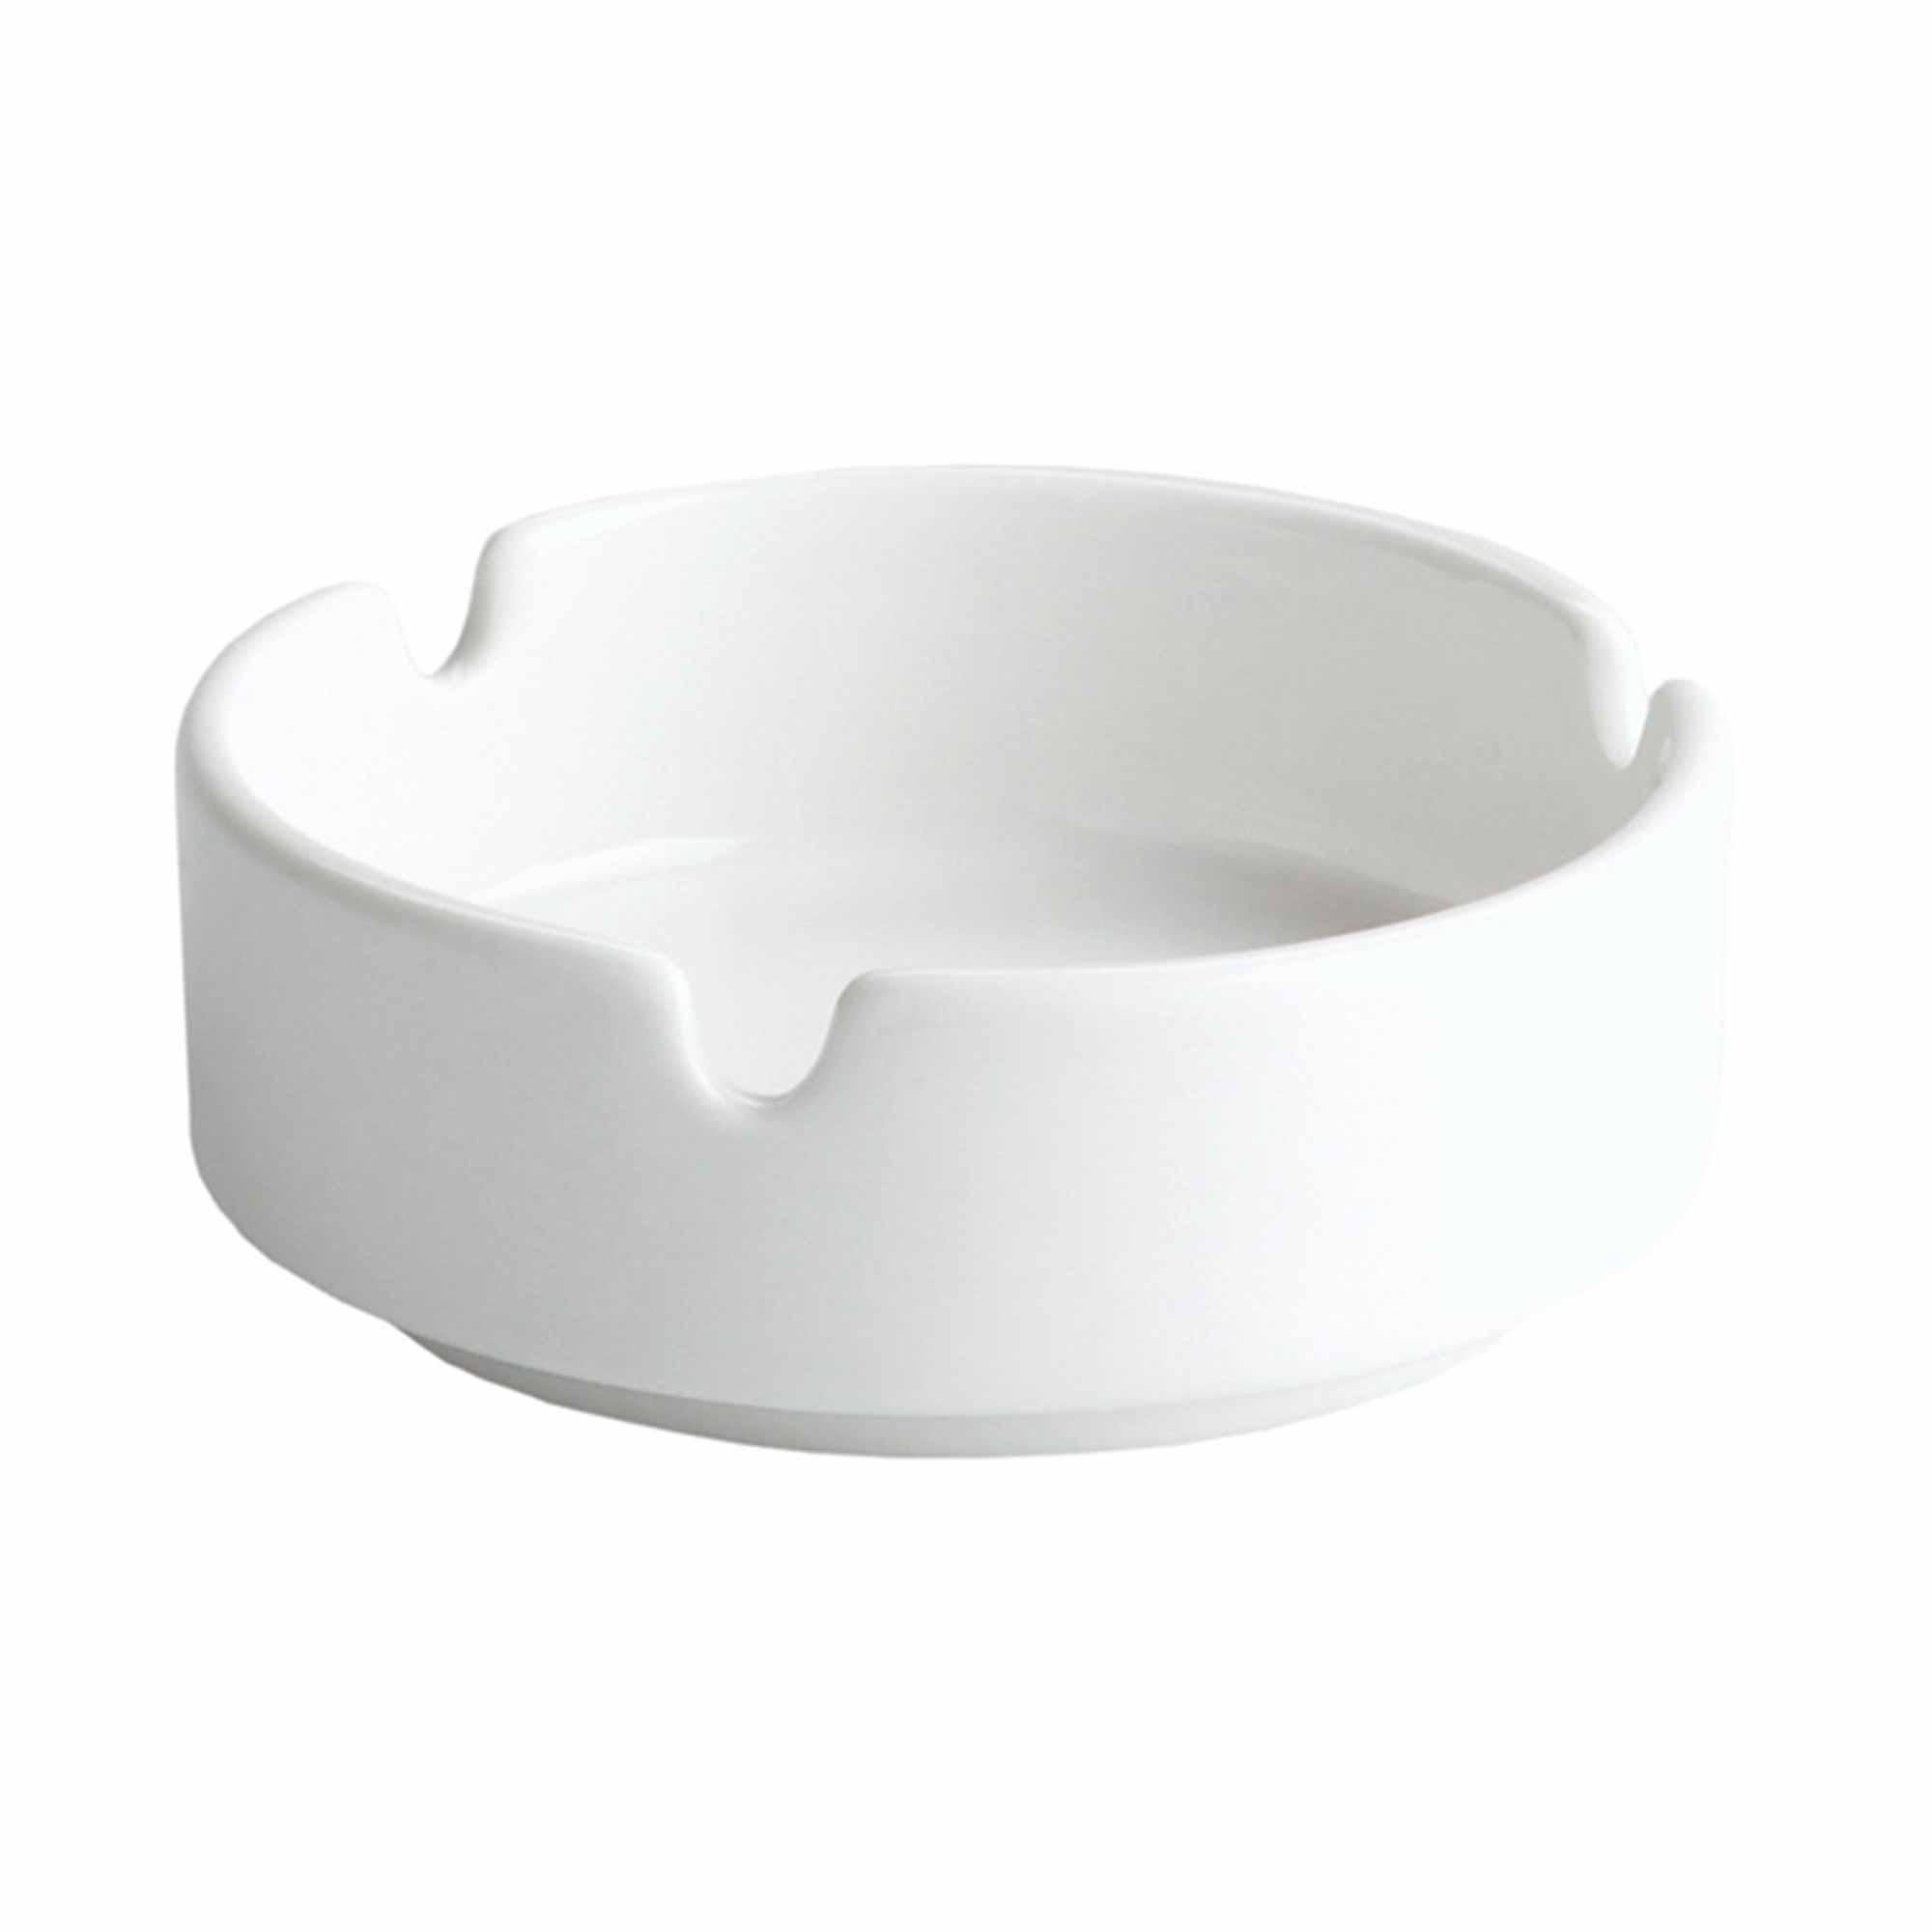 White Moonlight Porcelain Ashtray 10cm At Drinkstuff